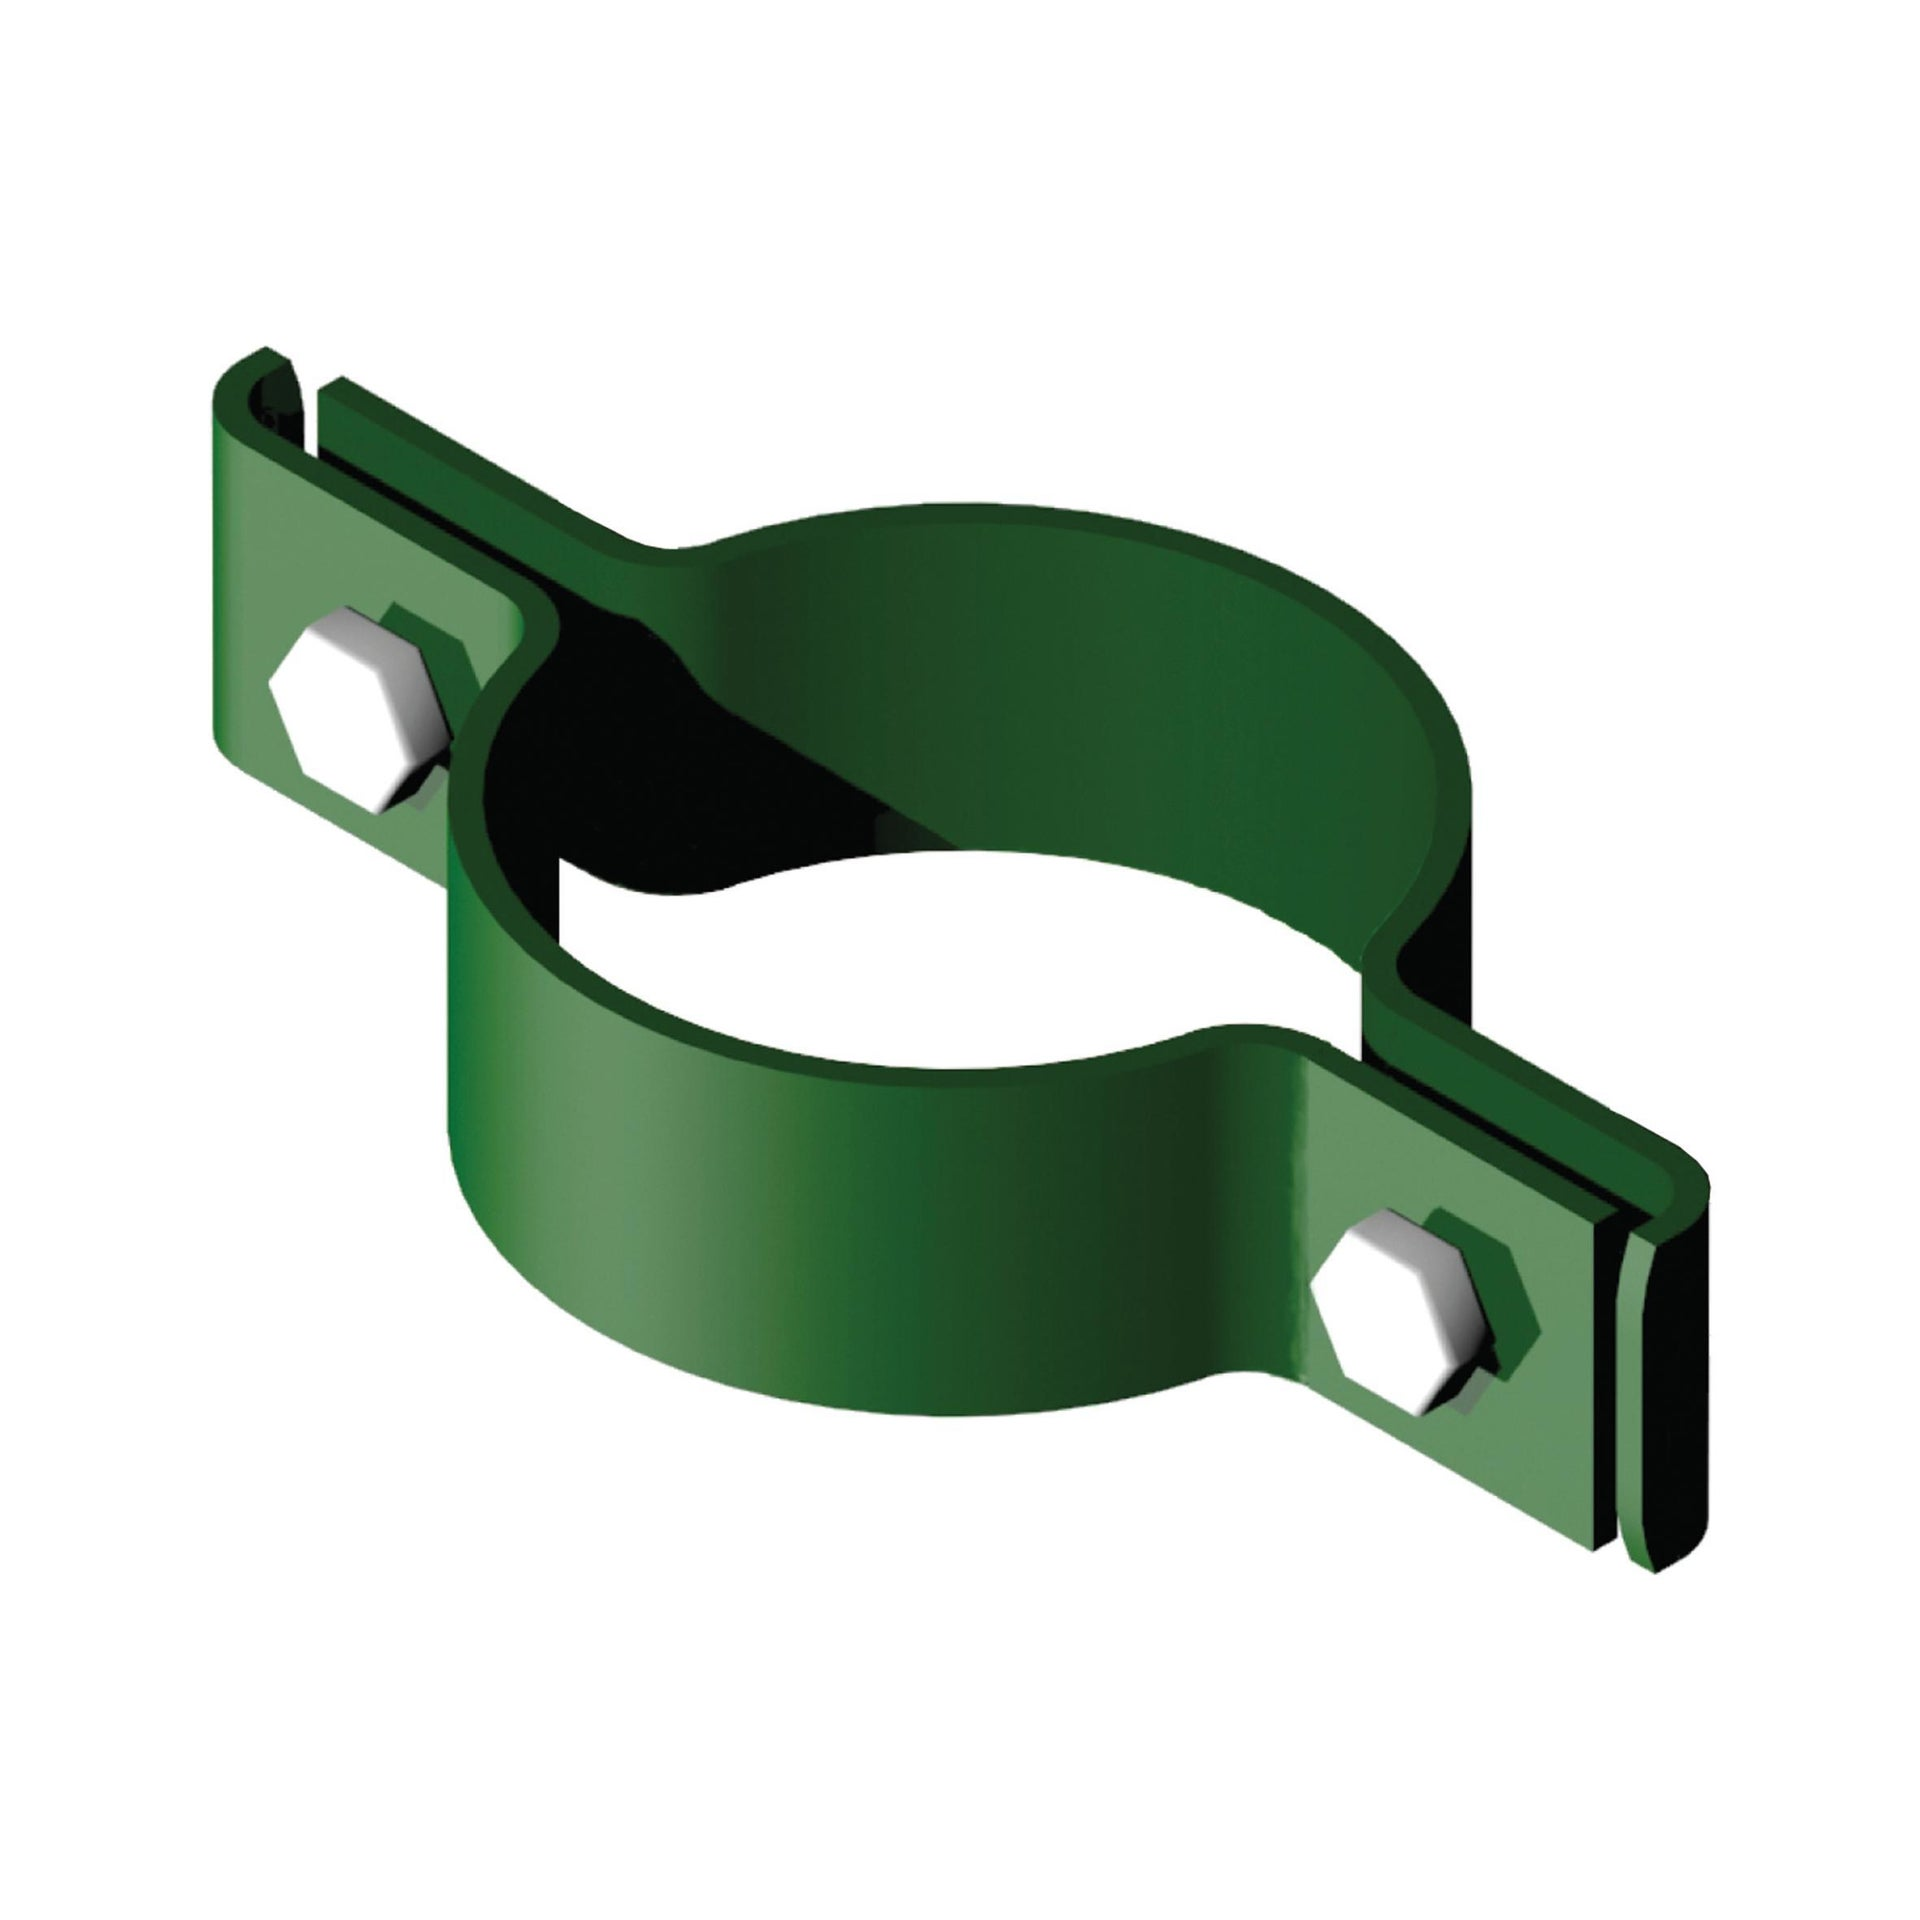 Collare di fissaggio in acciaio galvanizzato plastificato Doppio tondo Ø 48 mm H 2.5 cm L 12 x